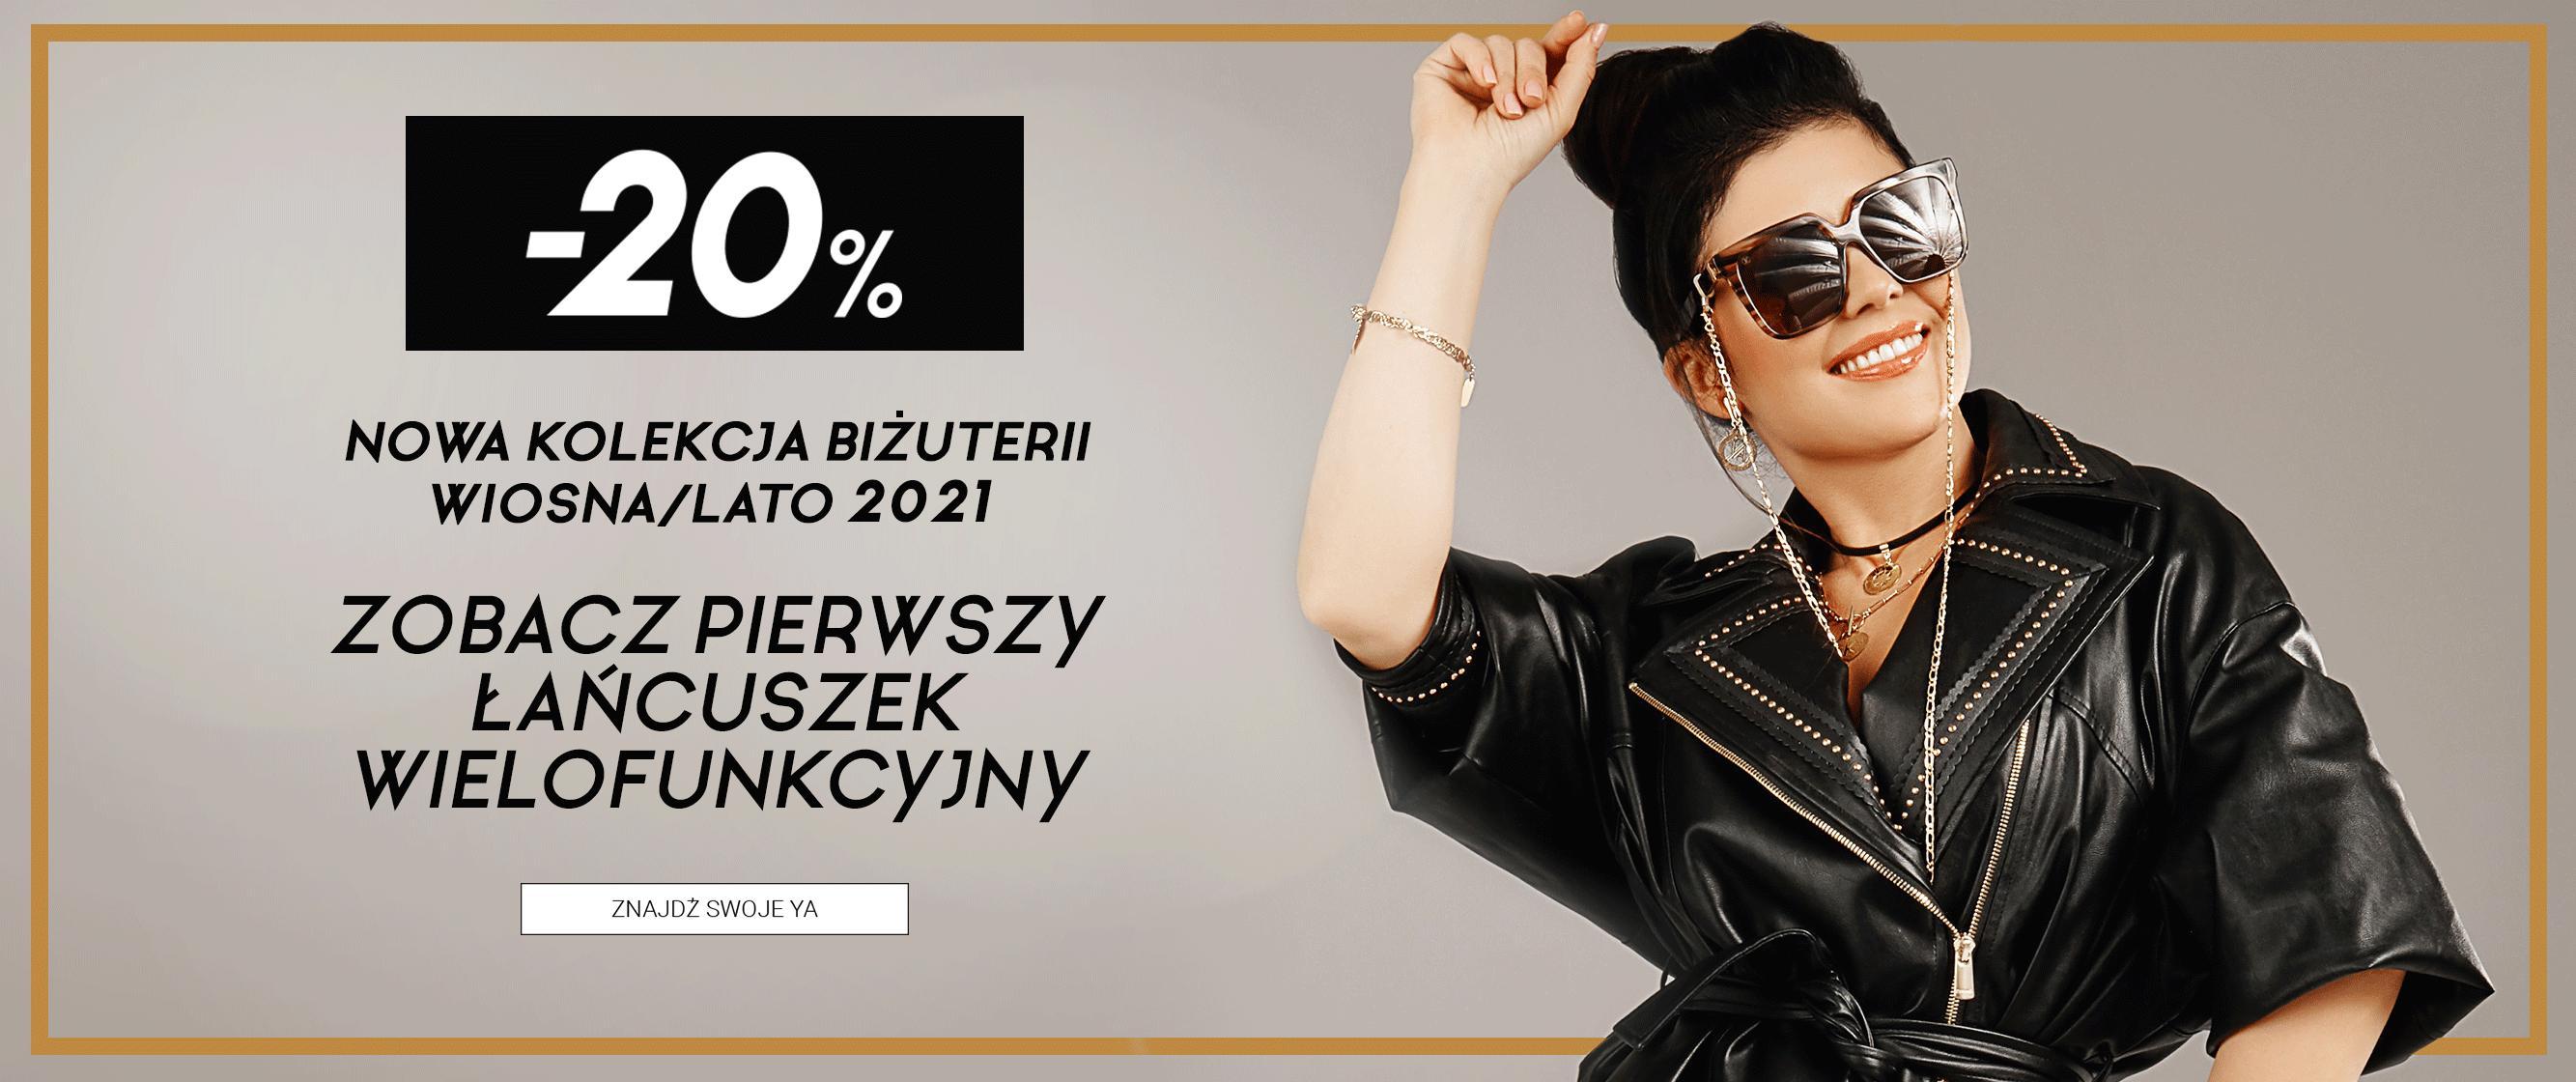 YA Cichopek YA Cichopek: 20% zniżki na nową kolekcję biżuterii wiosna-lato 2021